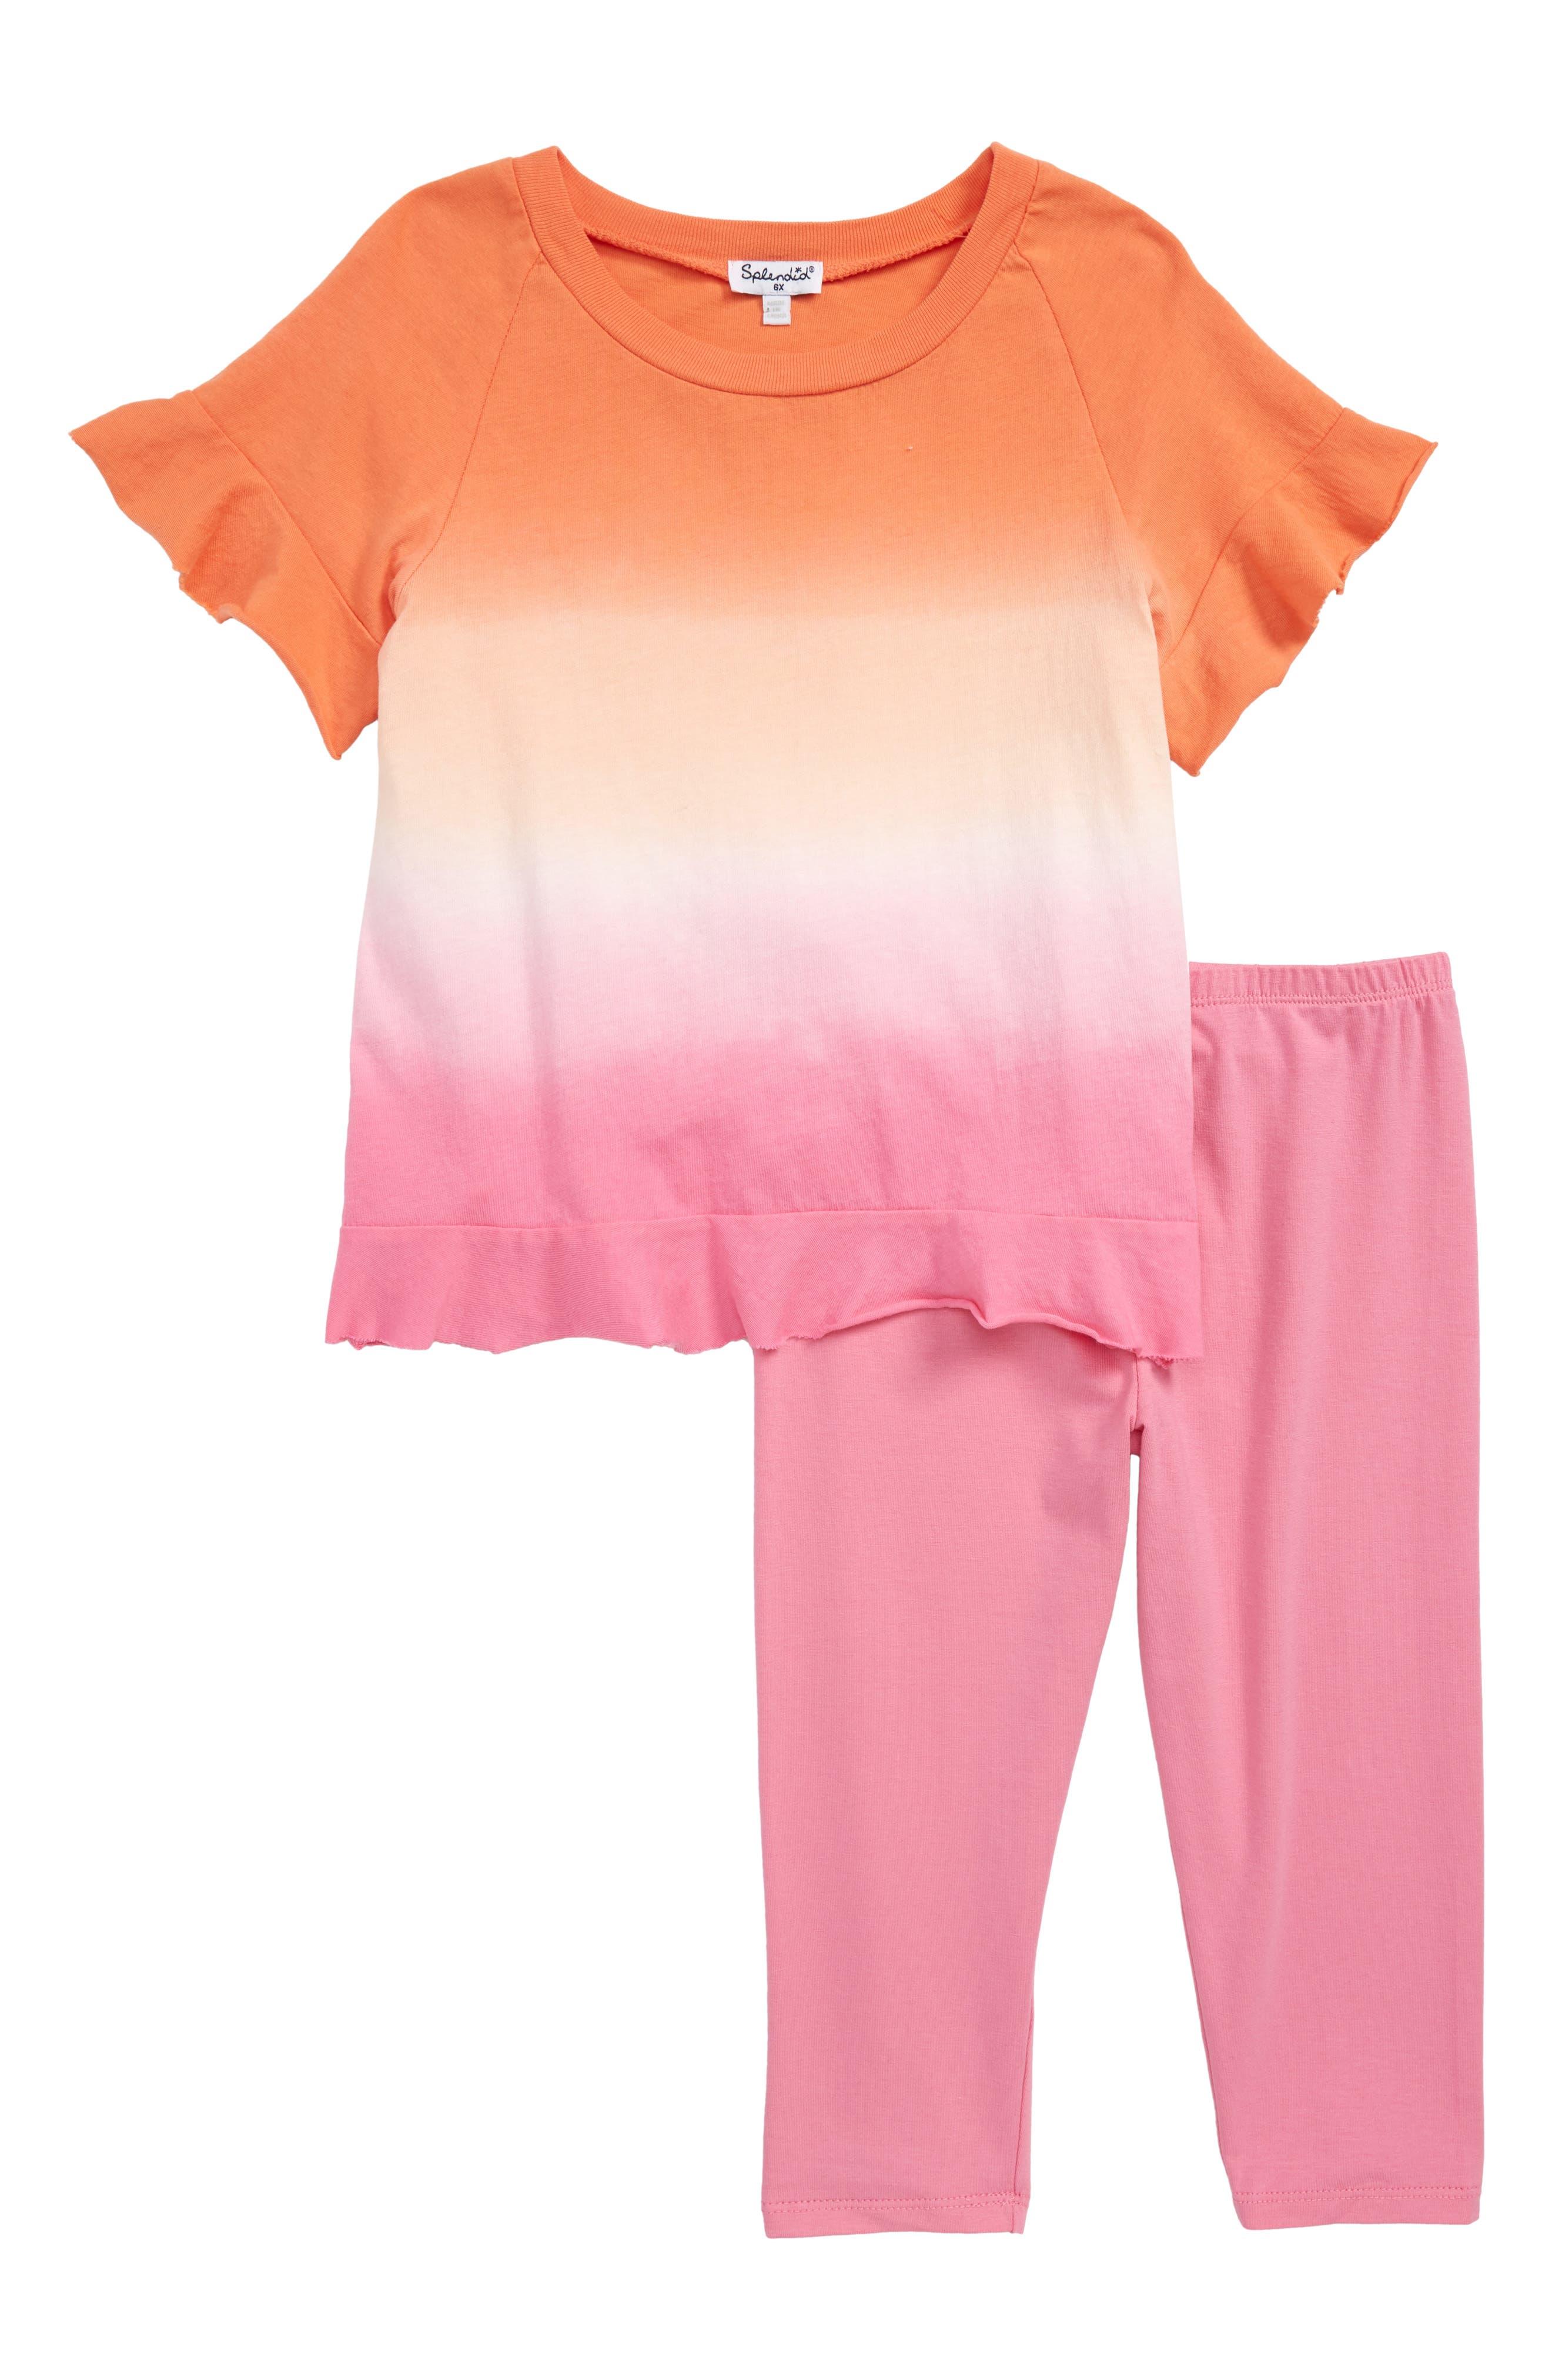 Splendid Dip Dye Tee & Leggings Set (Toddler Girls & Little Girls)